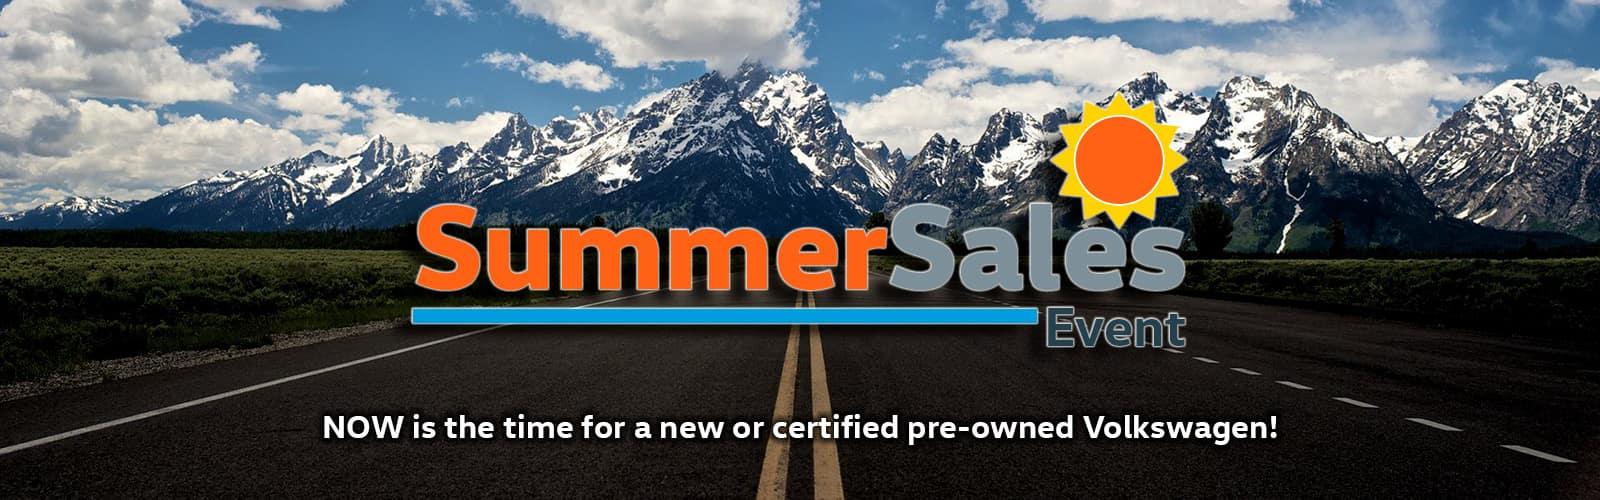 Volkswagen Summer Sales Event in Denver